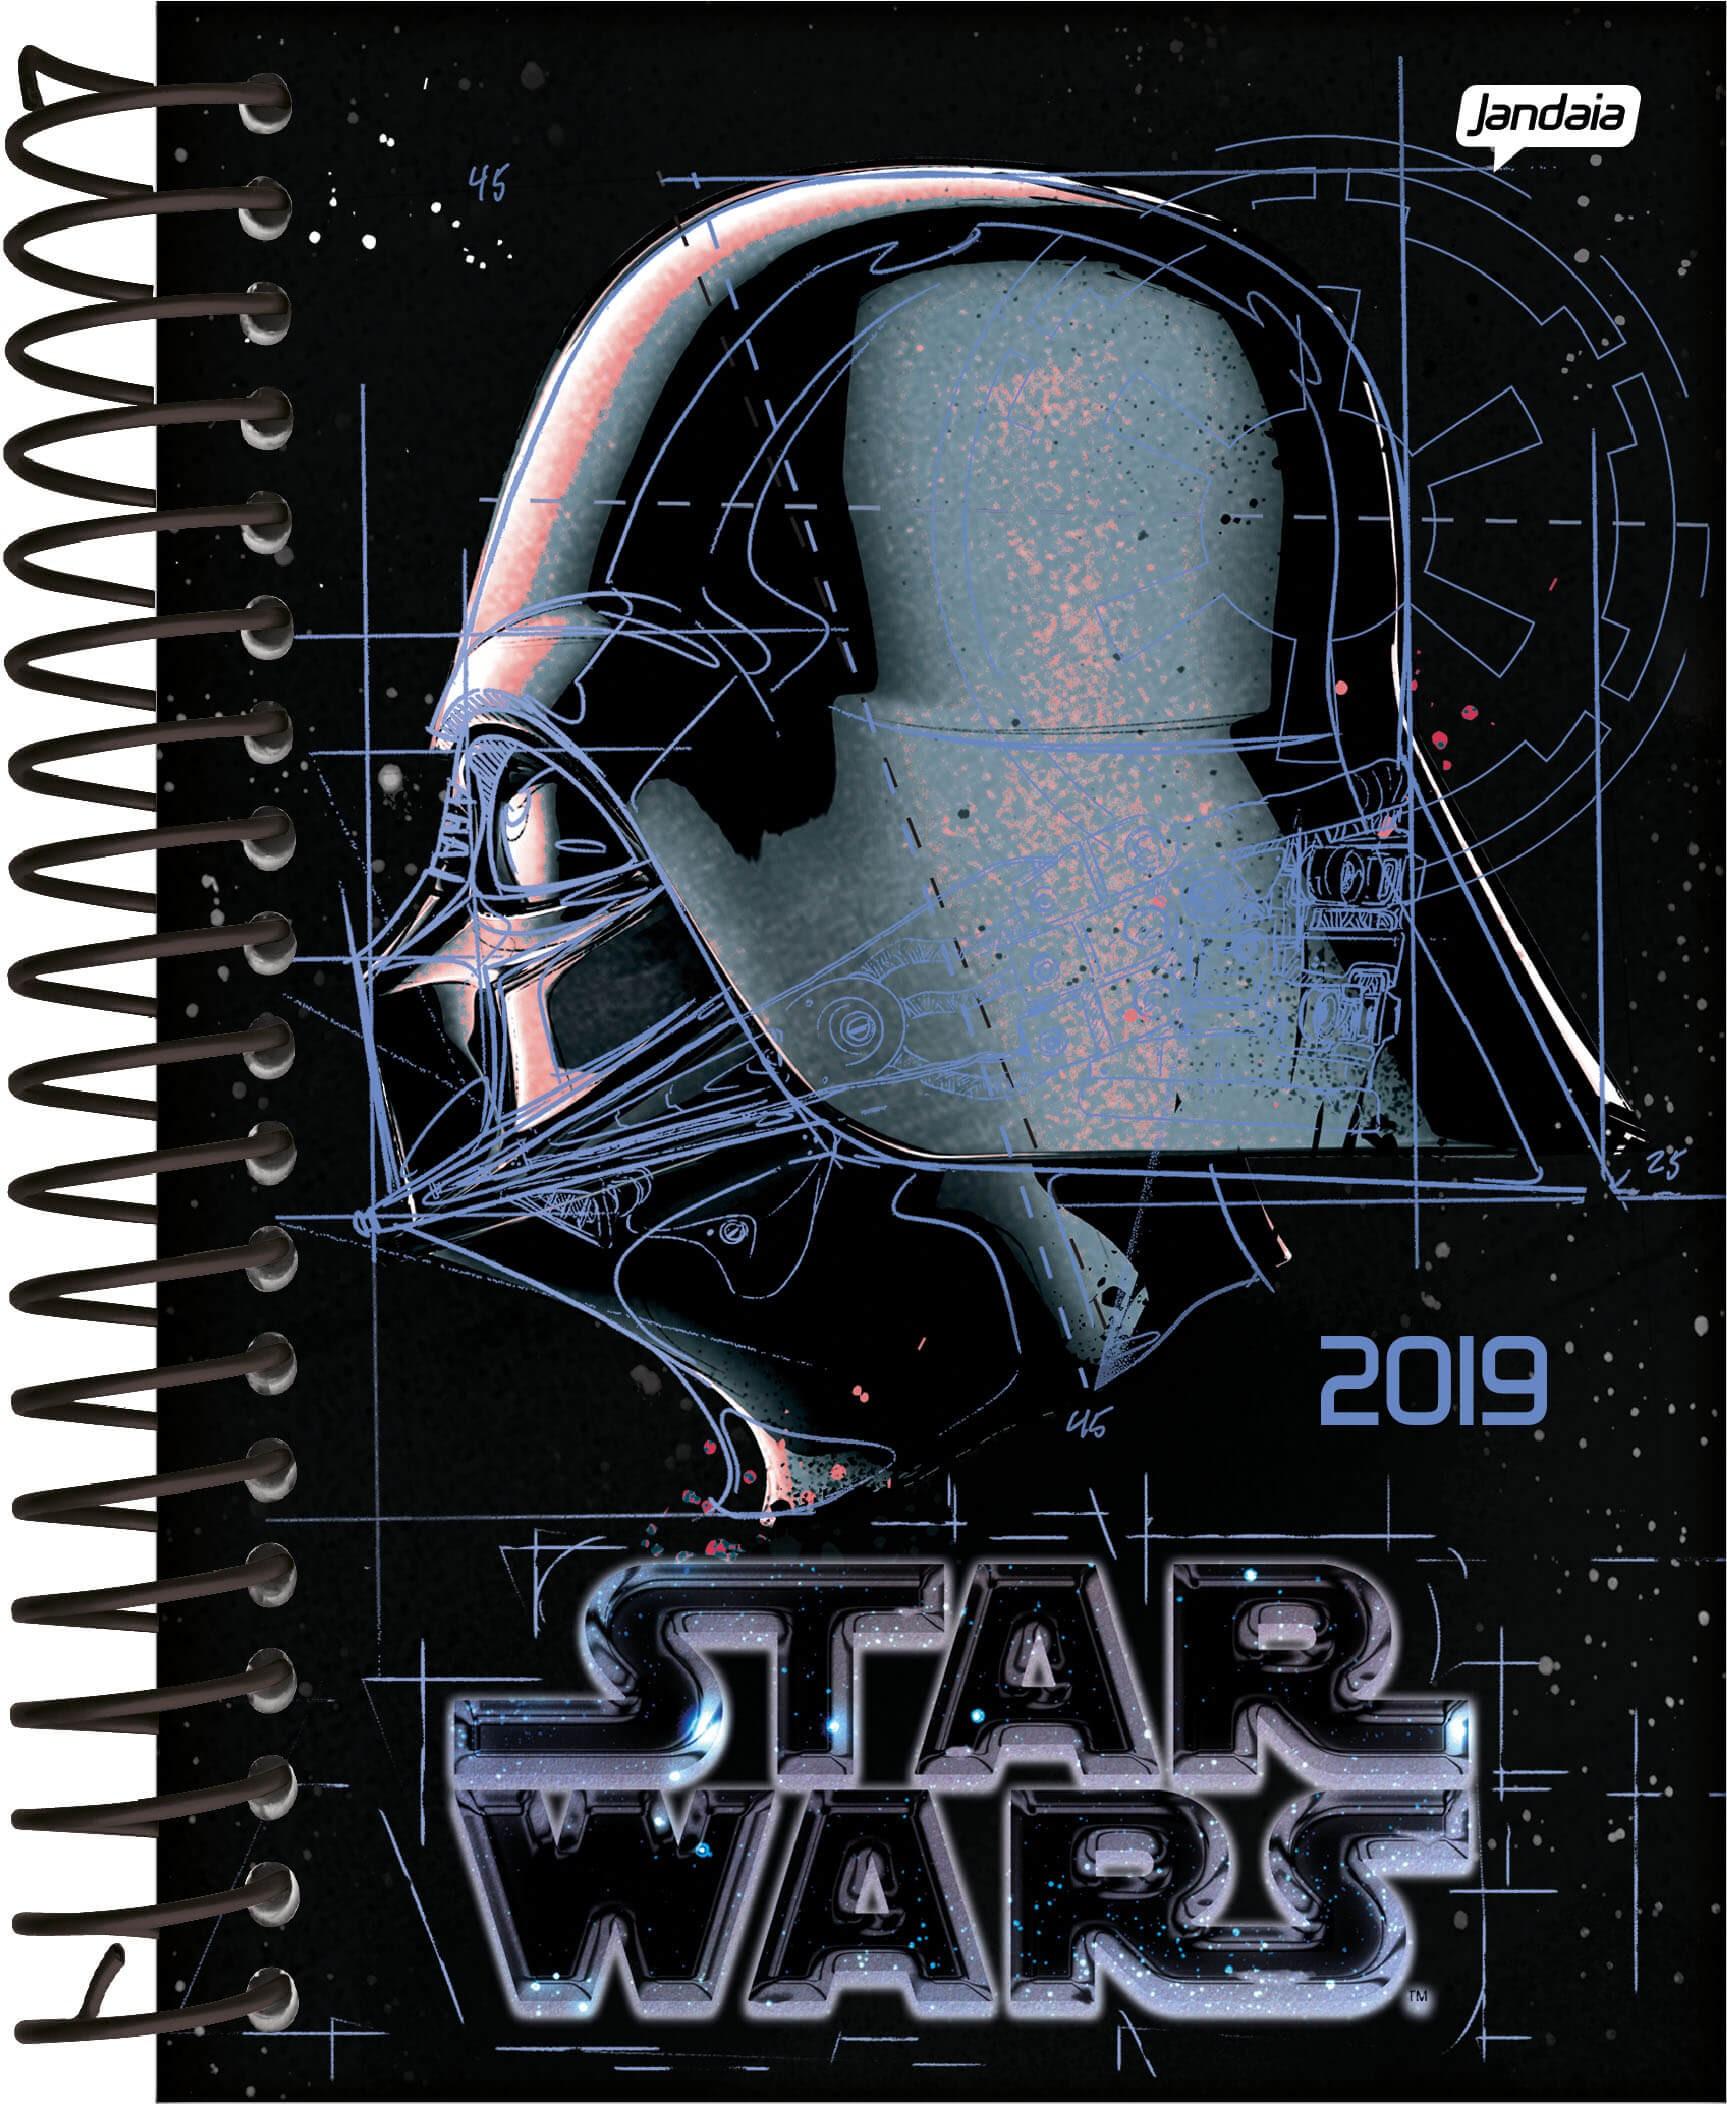 Agenda de Star Wars (Foto: Divulgação)